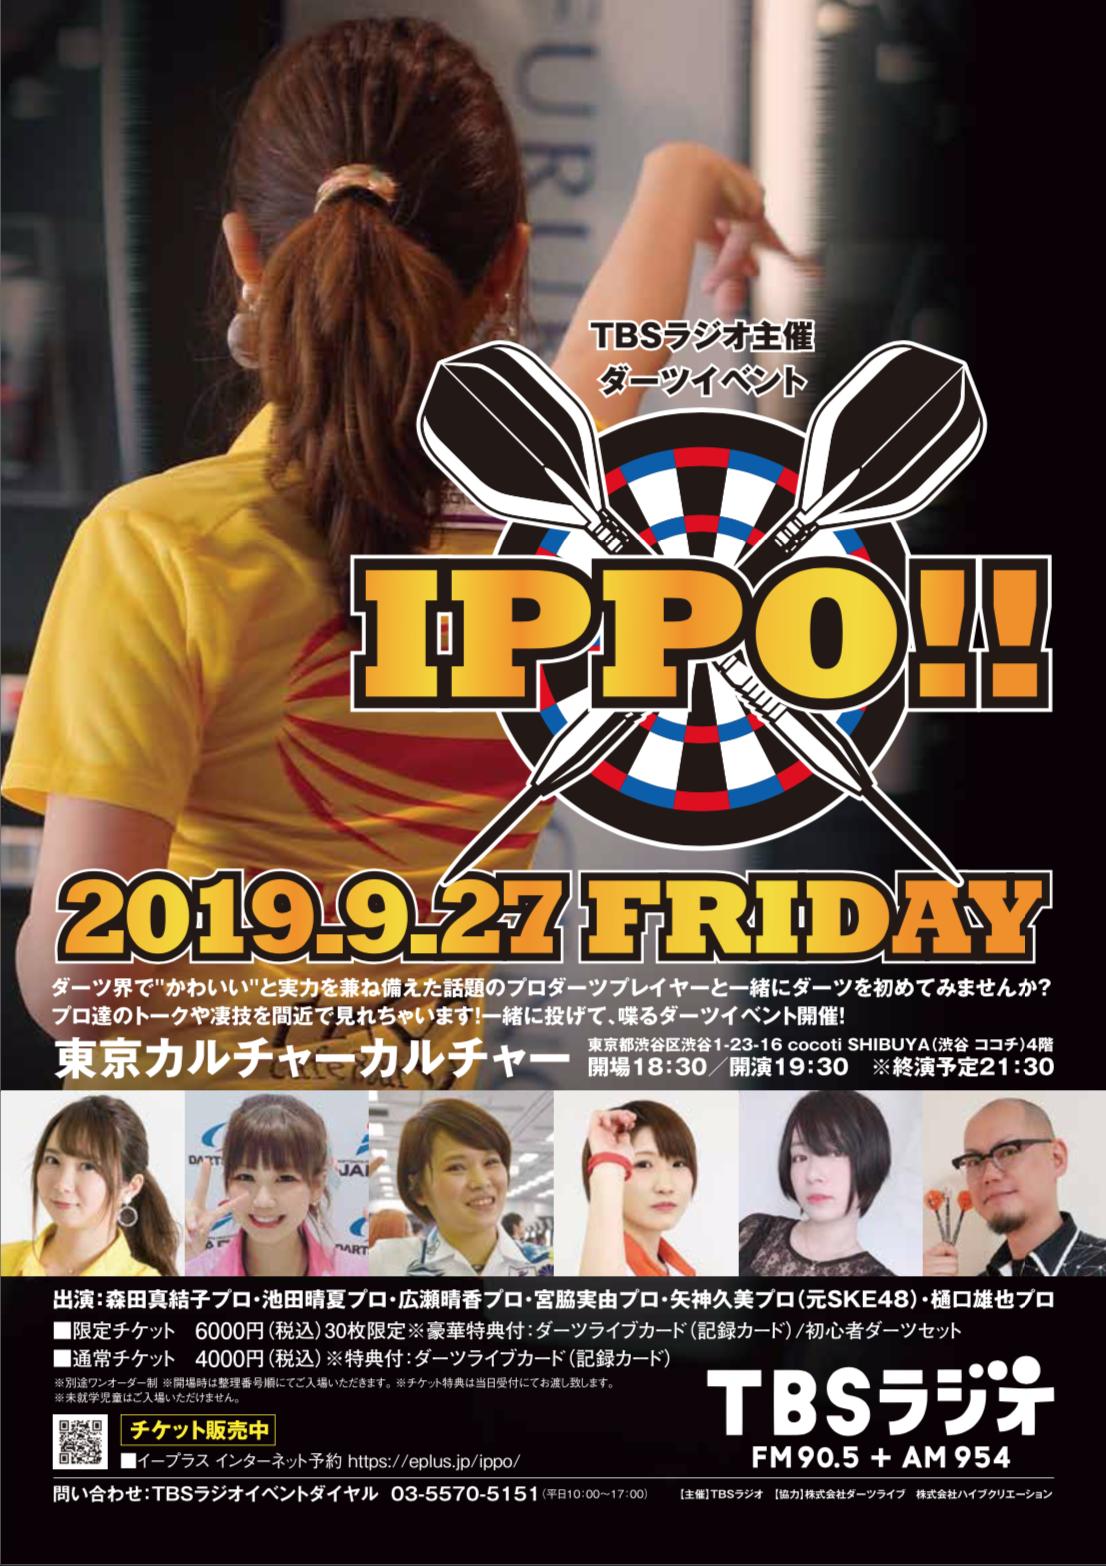 ダーツイベント「IPPO!!」